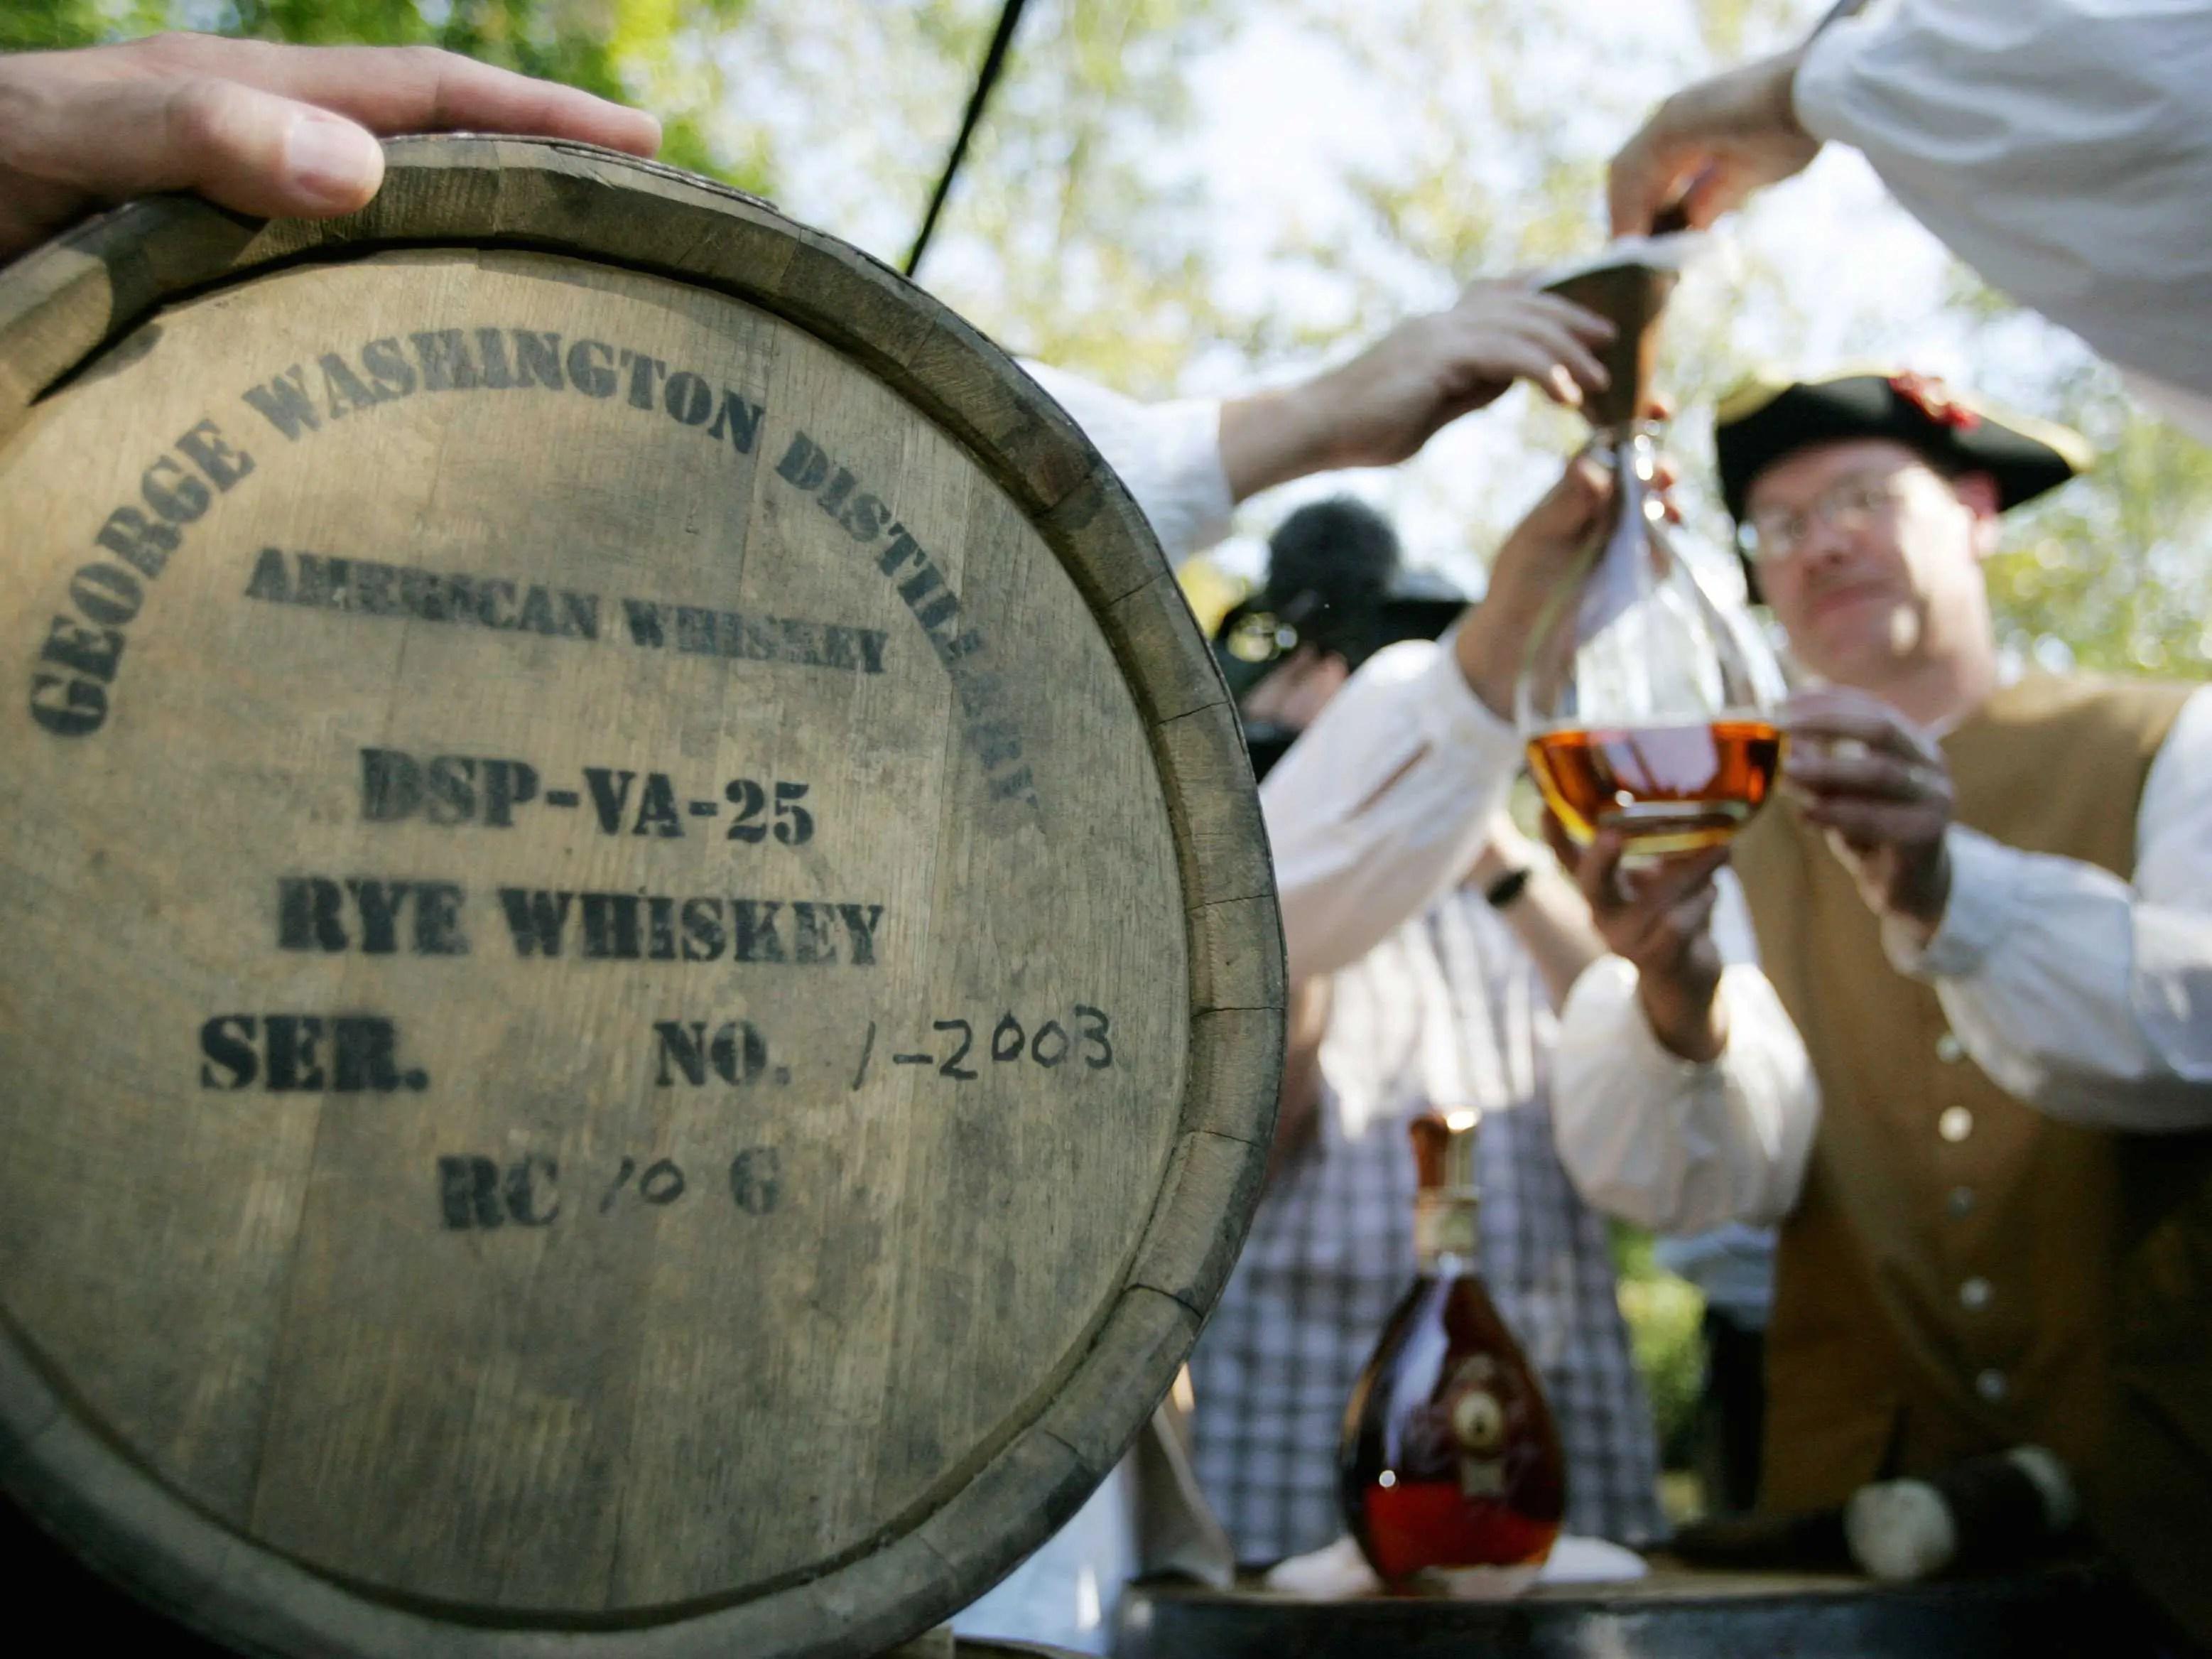 George Washington Rye Whiskey